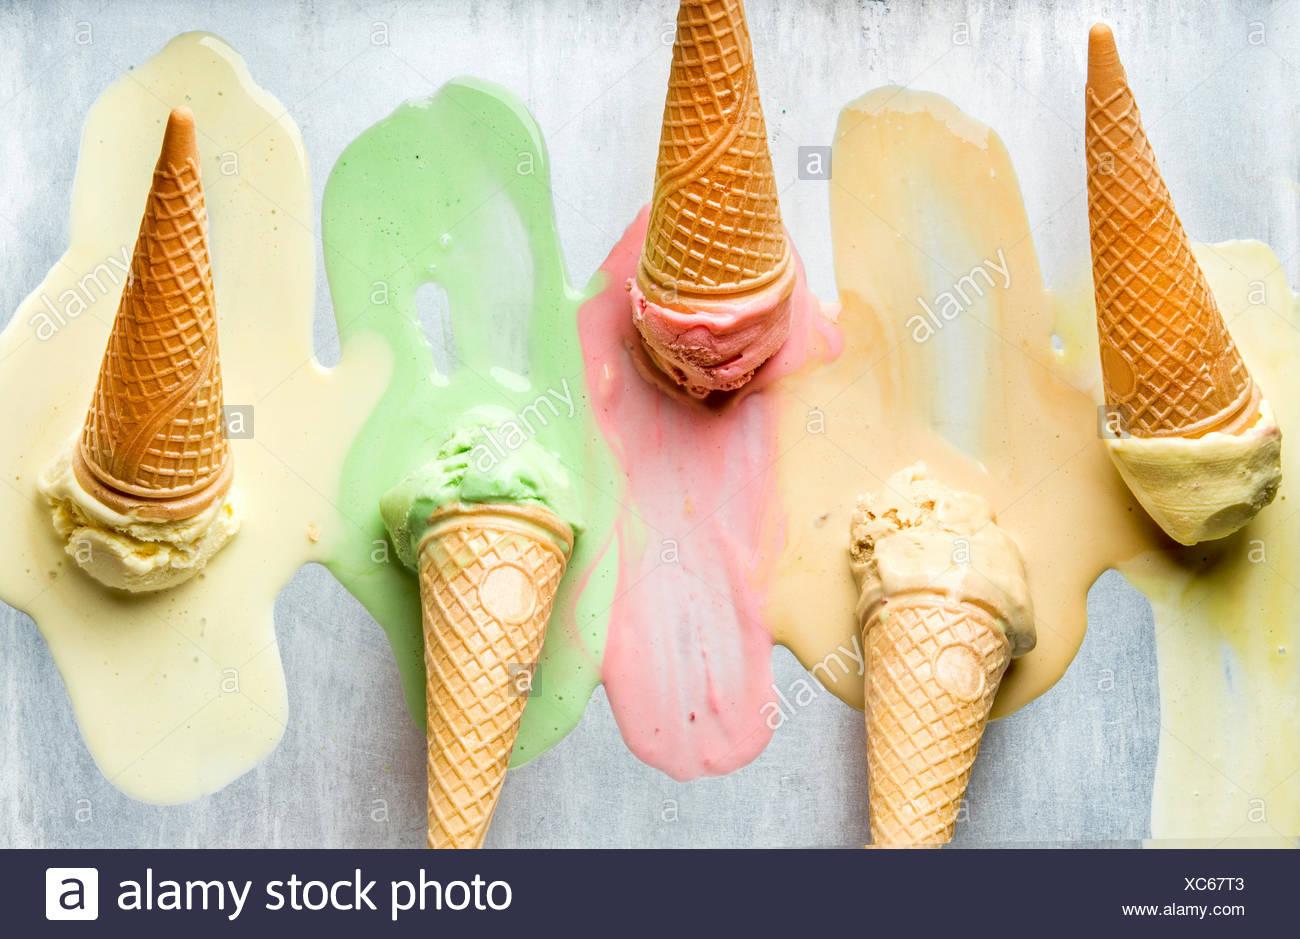 Bunte Eistüten von verschiedenen Geschmacksrichtungen. Schmelzen Kugeln. Ansicht von oben, Stahl Metall Hintergrund Stockfoto